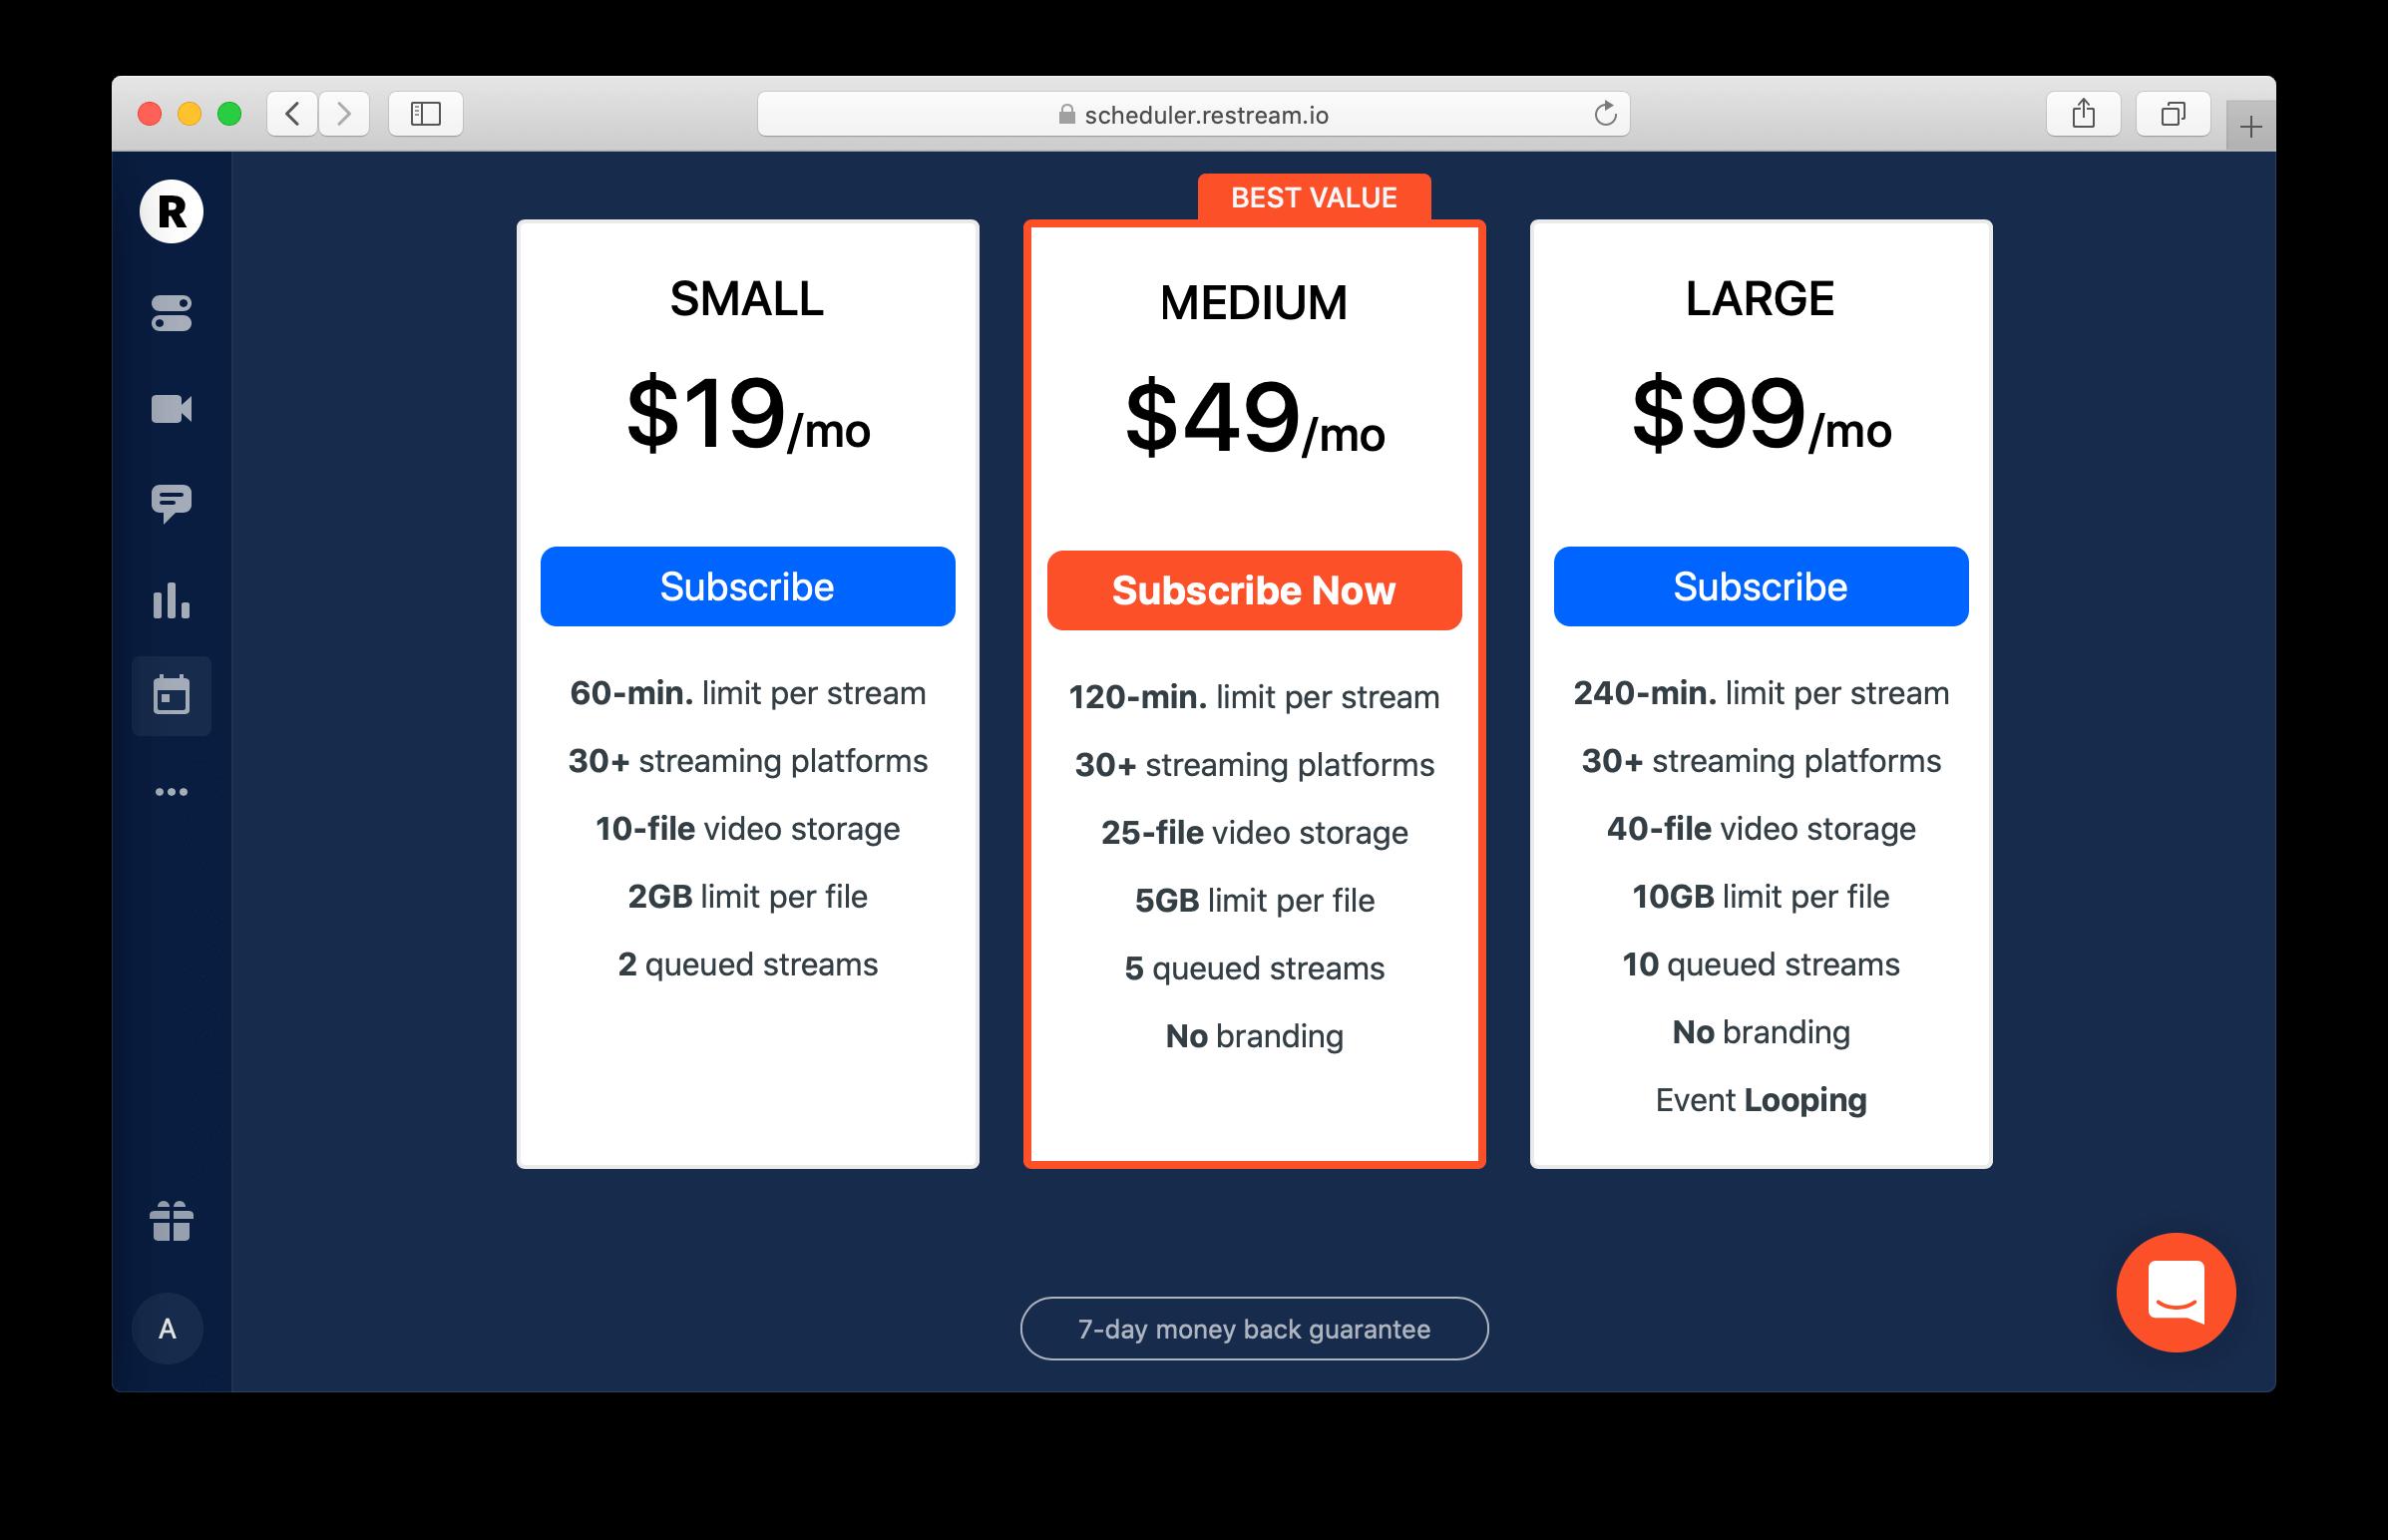 Restream Scheduler pricing